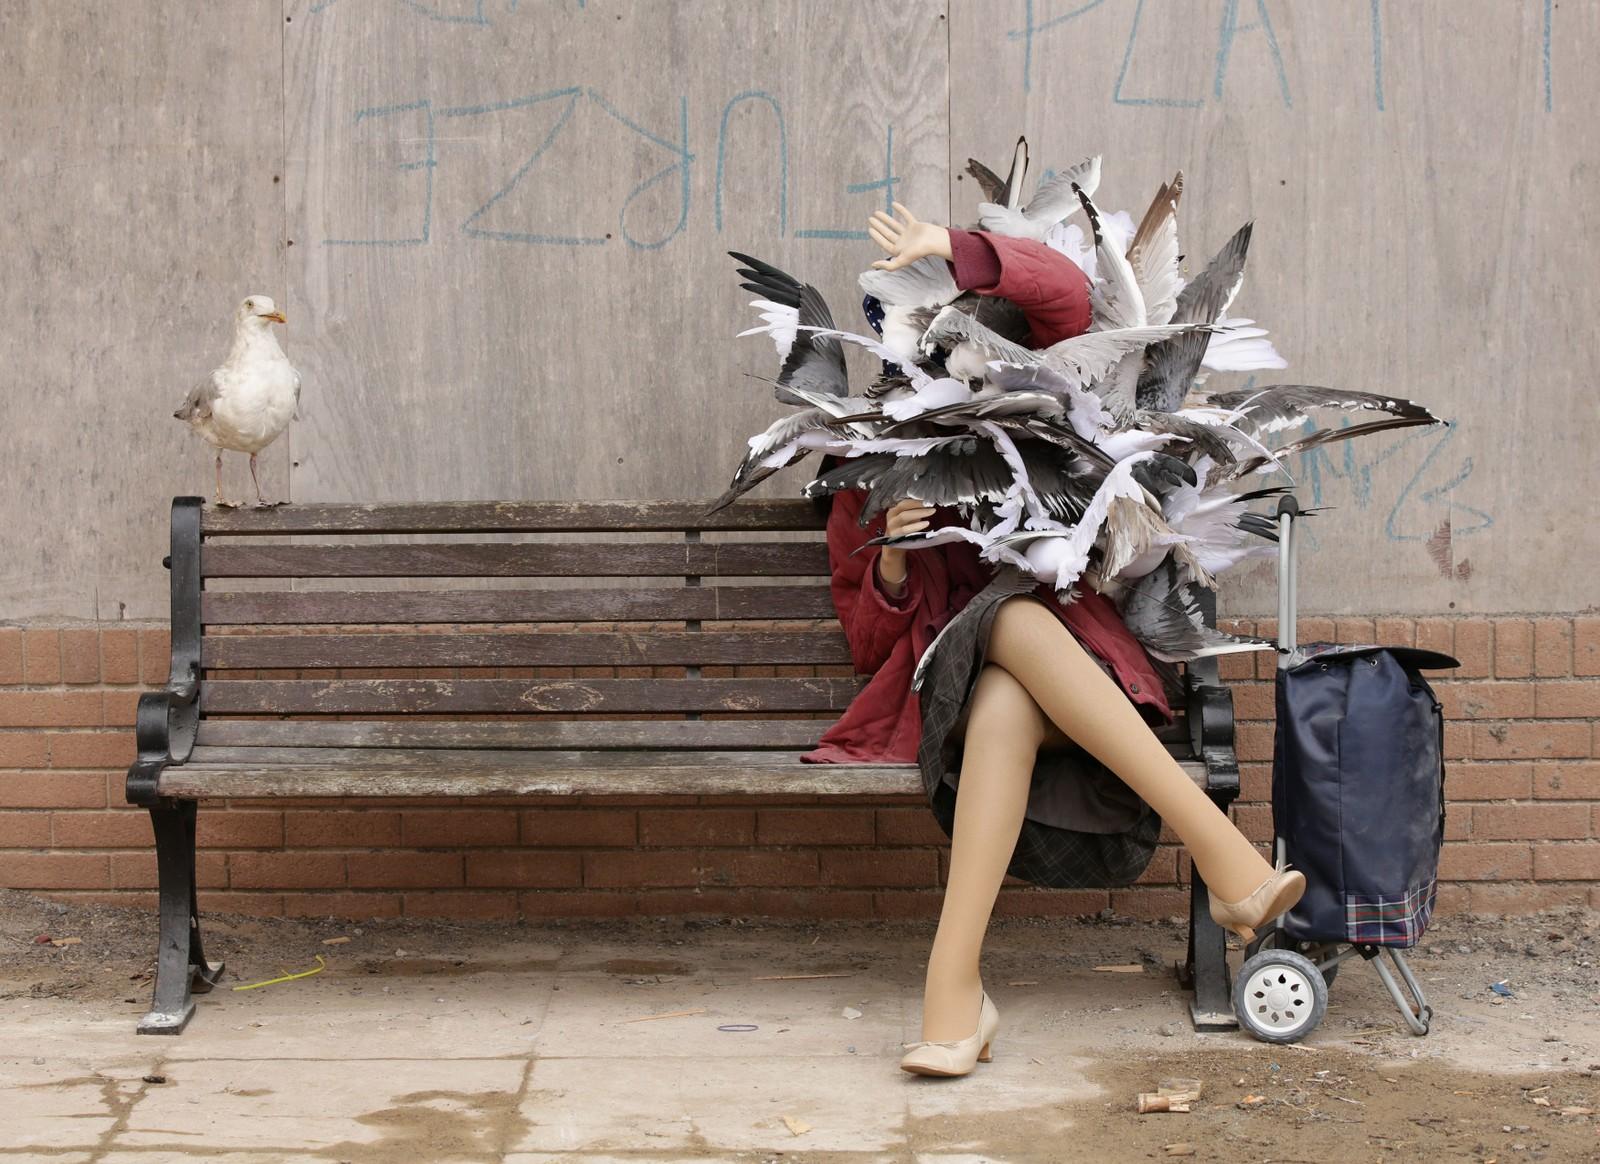 I et intervju med magasinet Juxtapoz sier Banksy at valget av lokasjon for utstillingen er det han kaller det perfekte publikum; lavinntekts engelskmenn i en søvnig kystby.